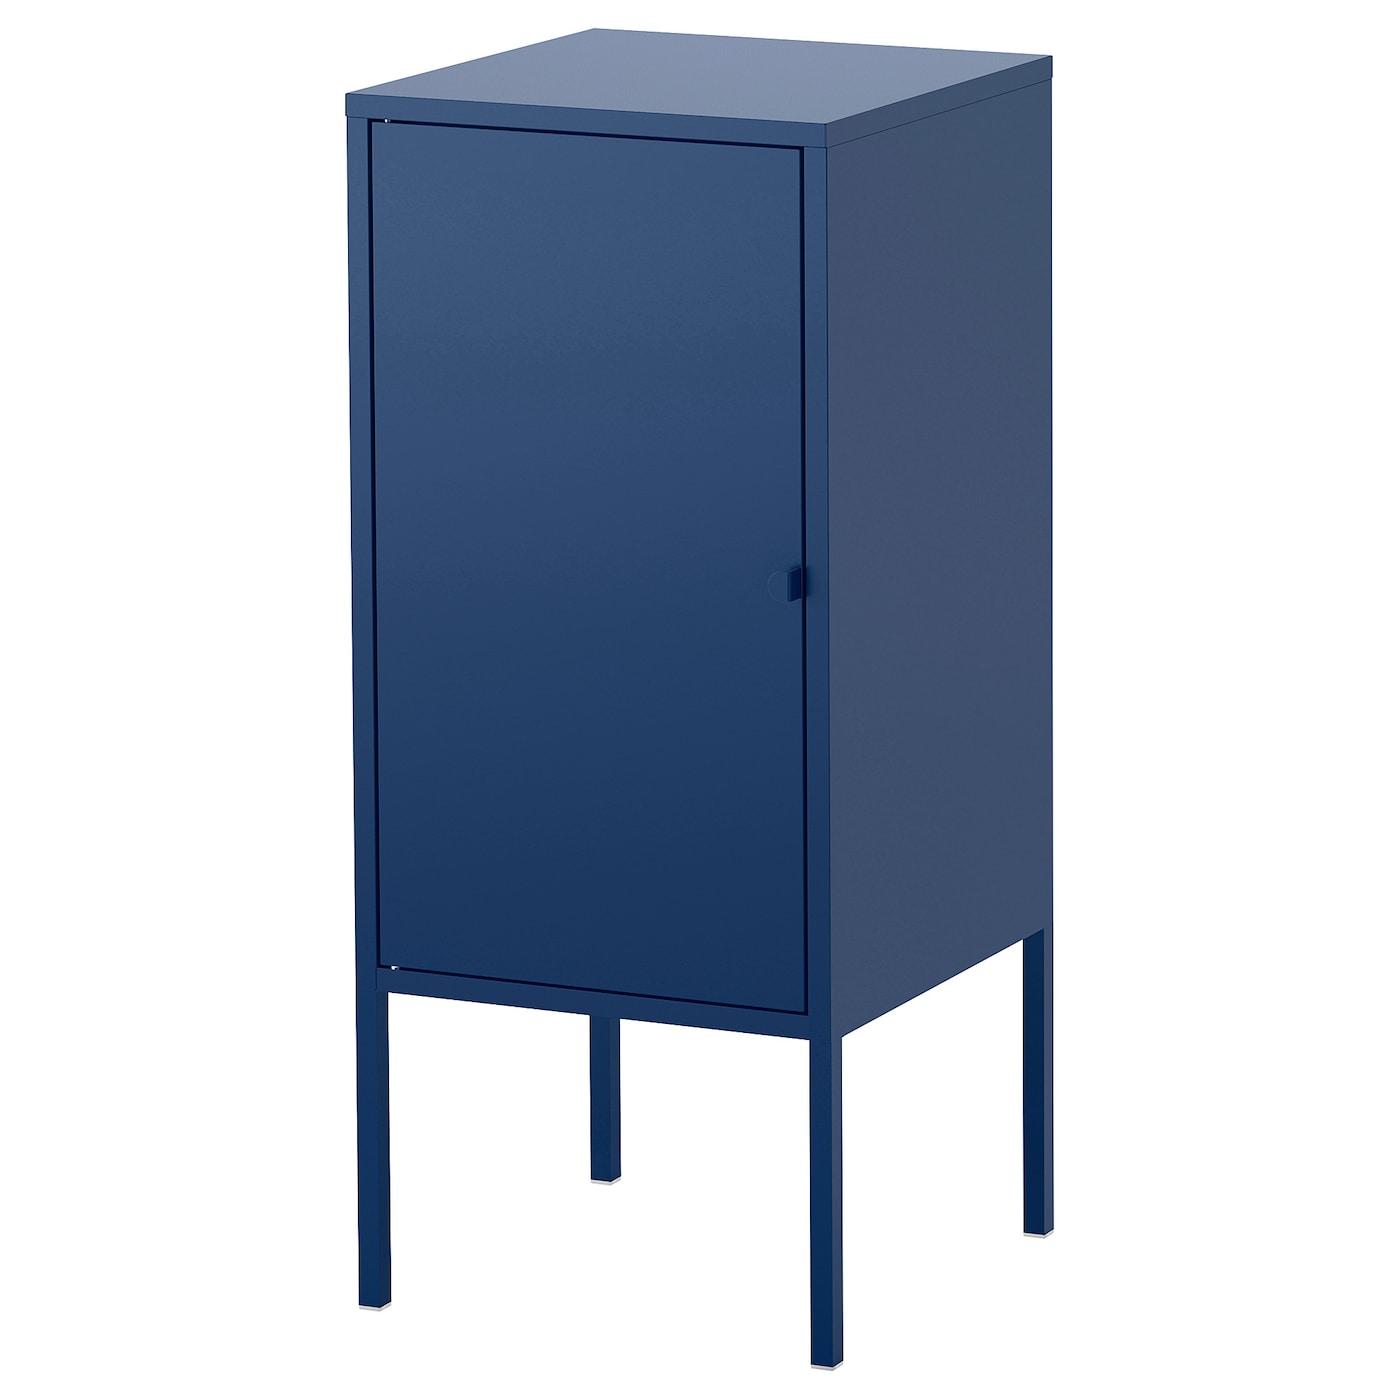 Schön Küchenschranktüren Zum Verkauf Galerie - Ideen Für Die Küche ...